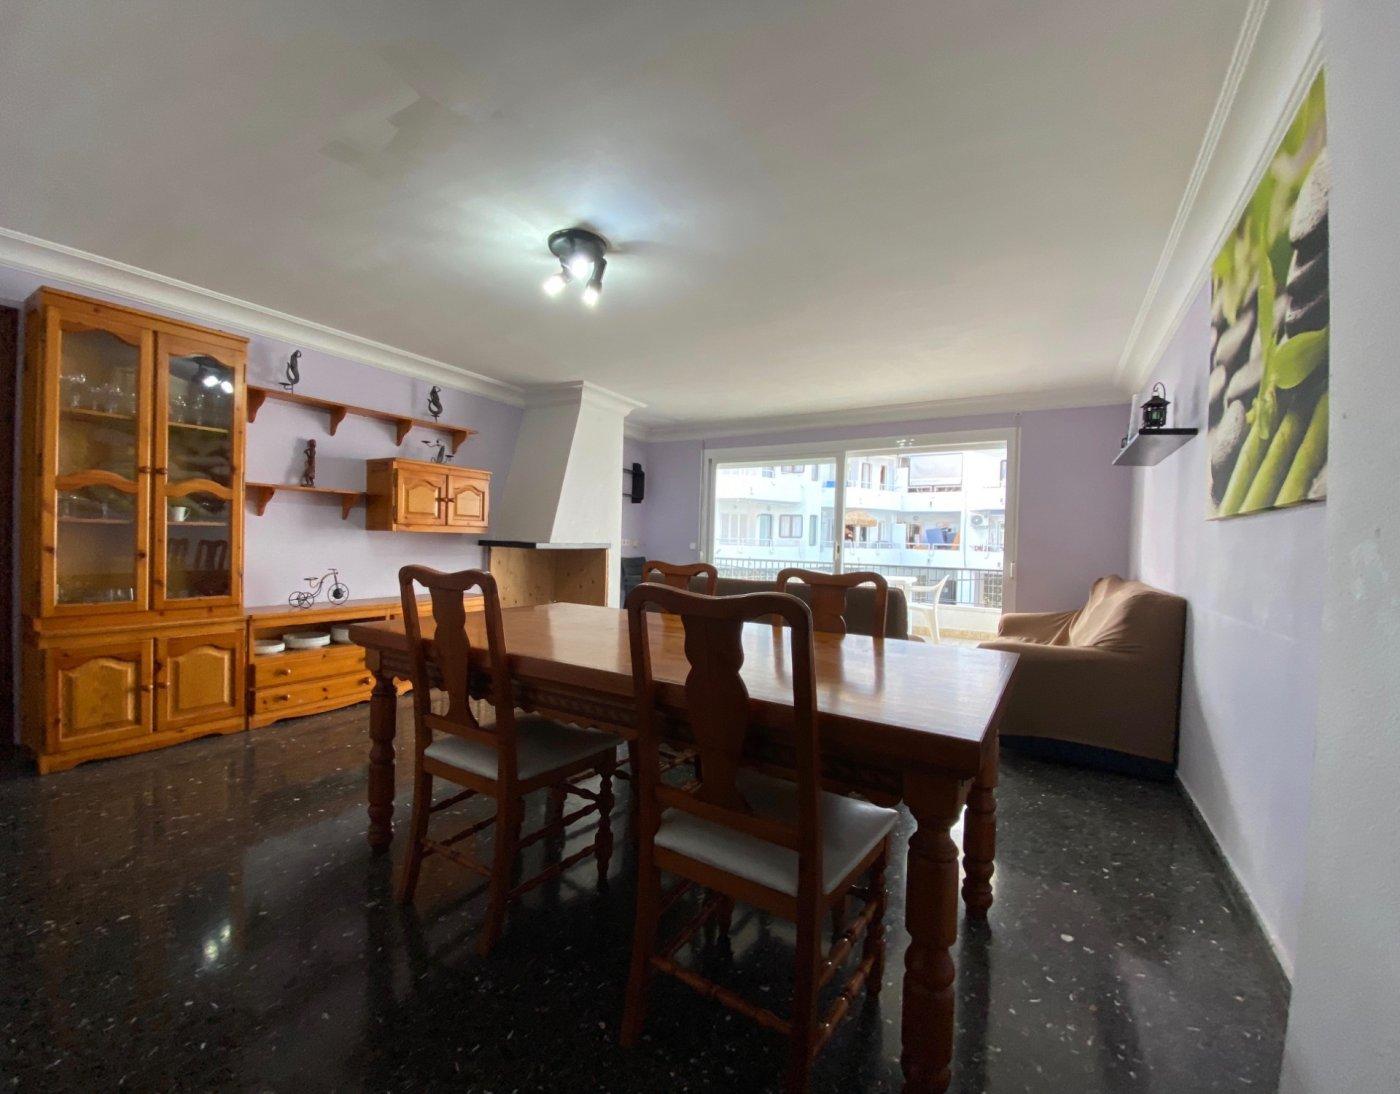 Espacioso piso a la venta en puerto pollensa - imagenInmueble14